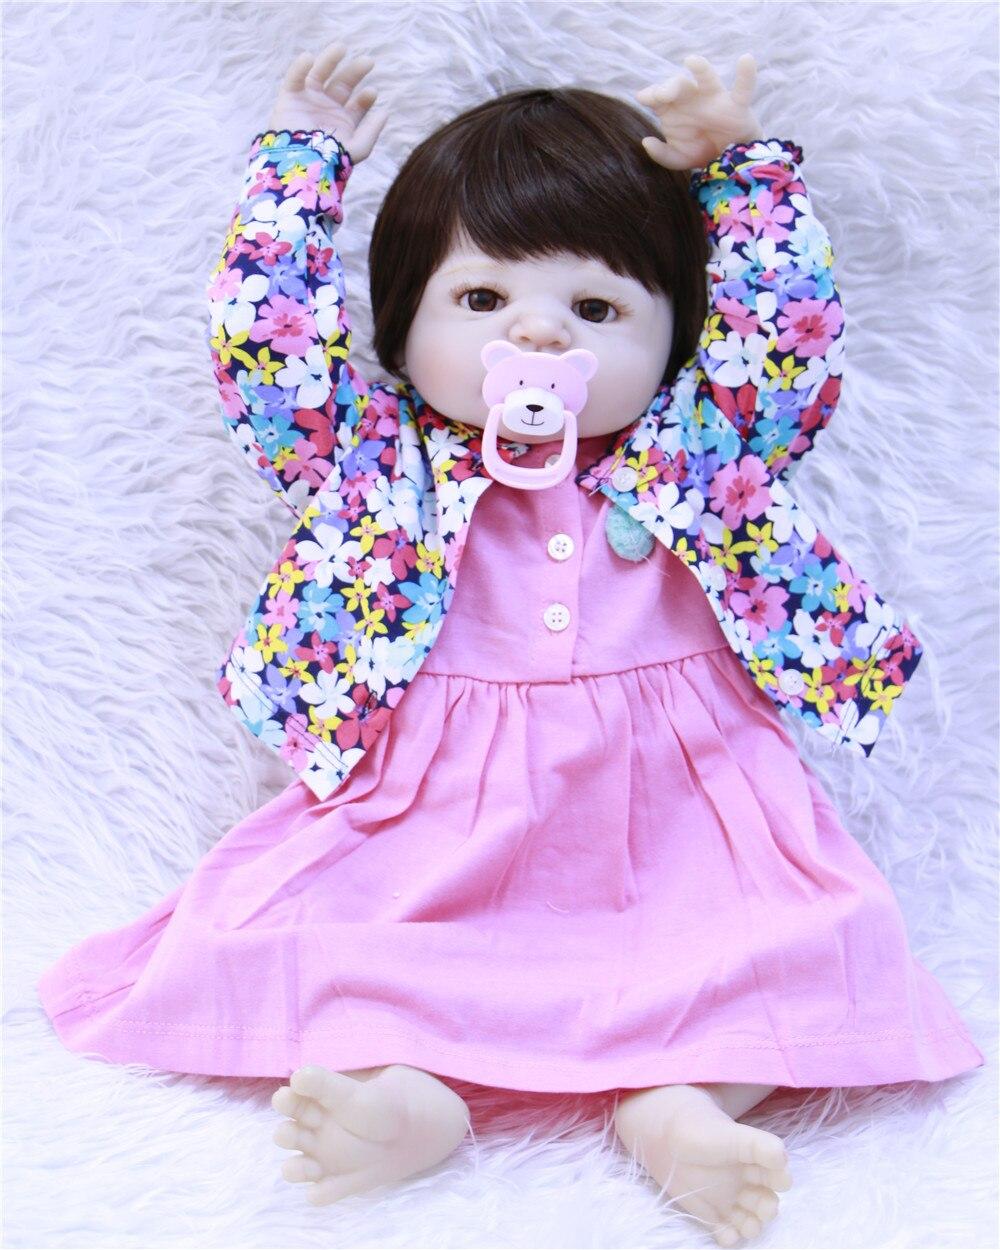 NPKCOLLECTION bebe realistica bambola soft real tocco delicato silicone reborn bambini che giocano i giocattoli per i bambini della ragazza Regalo Di NataleNPKCOLLECTION bebe realistica bambola soft real tocco delicato silicone reborn bambini che giocano i giocattoli per i bambini della ragazza Regalo Di Natale